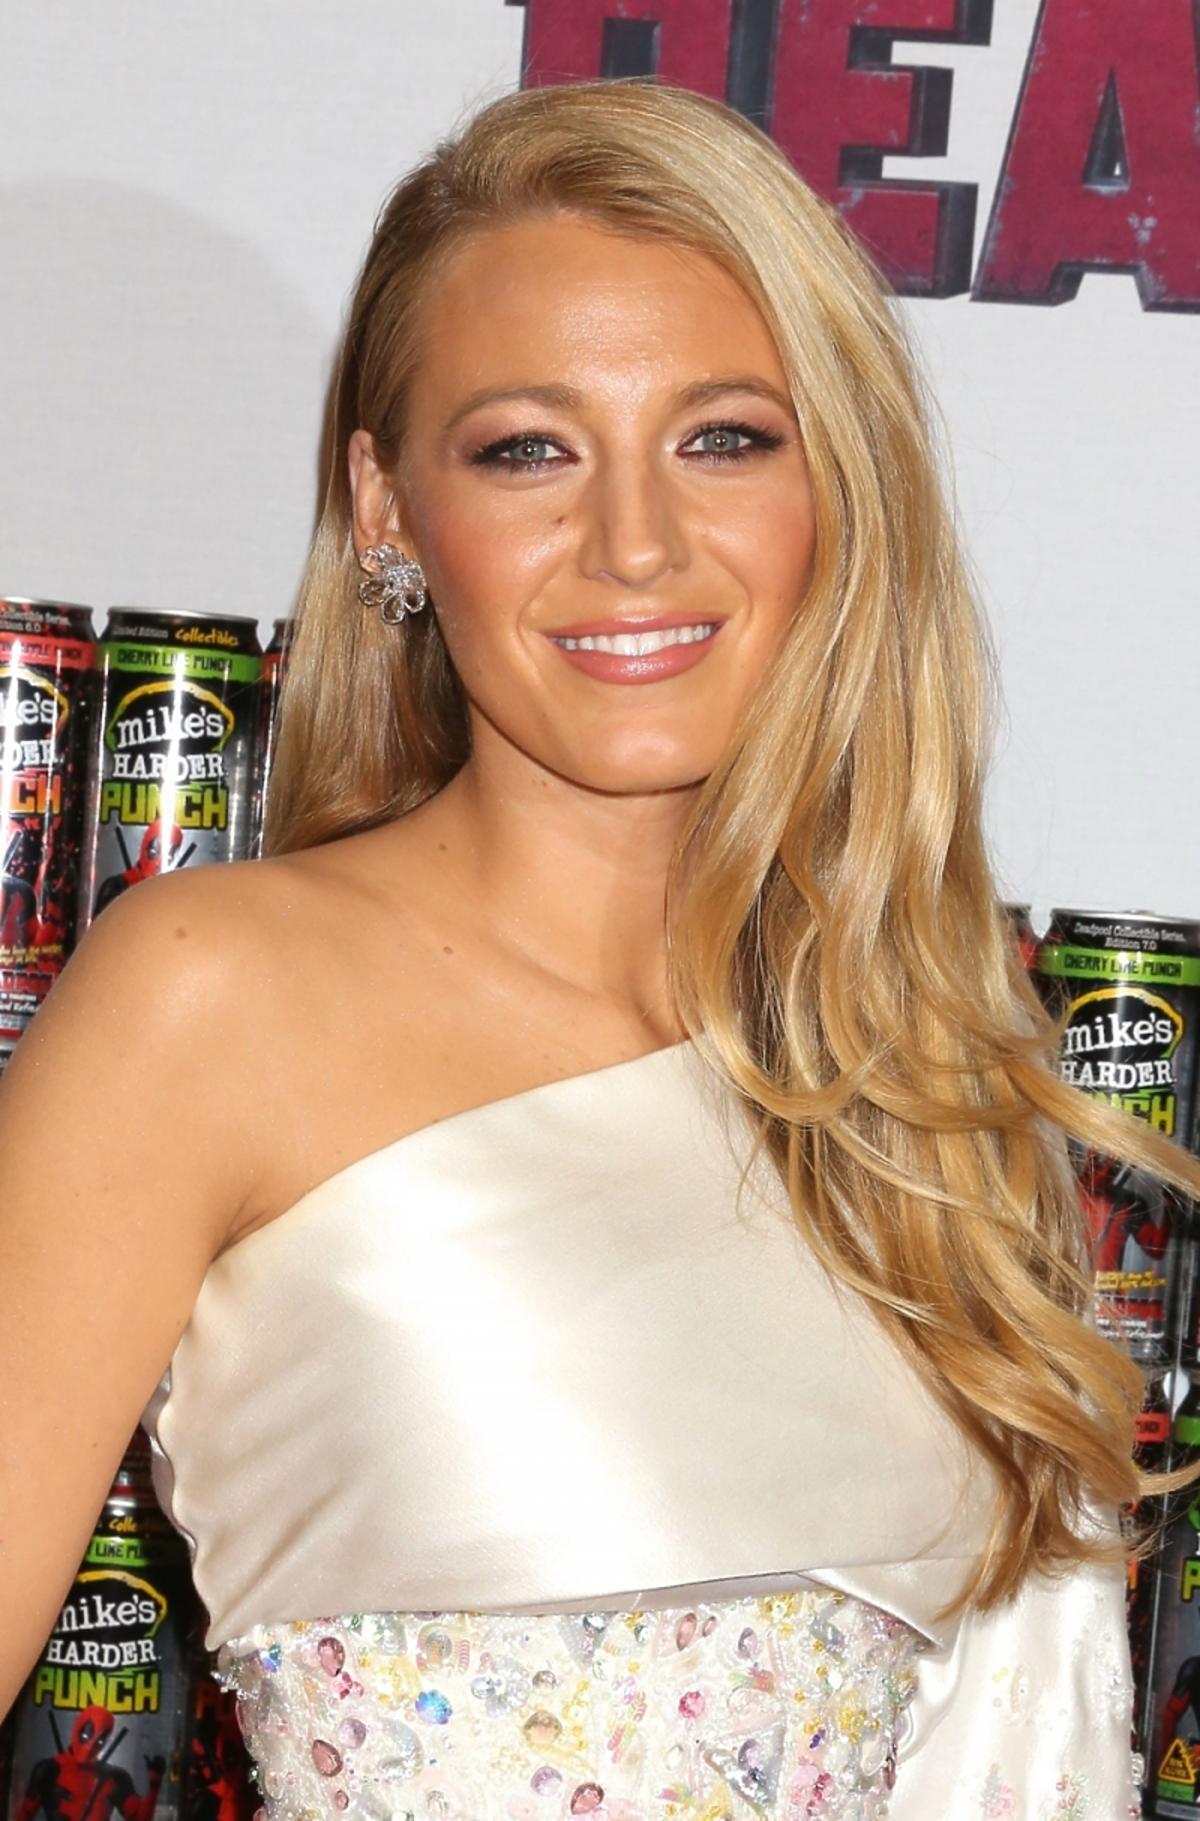 Blake Lively w białej sukience i rozpuszczonych włosach